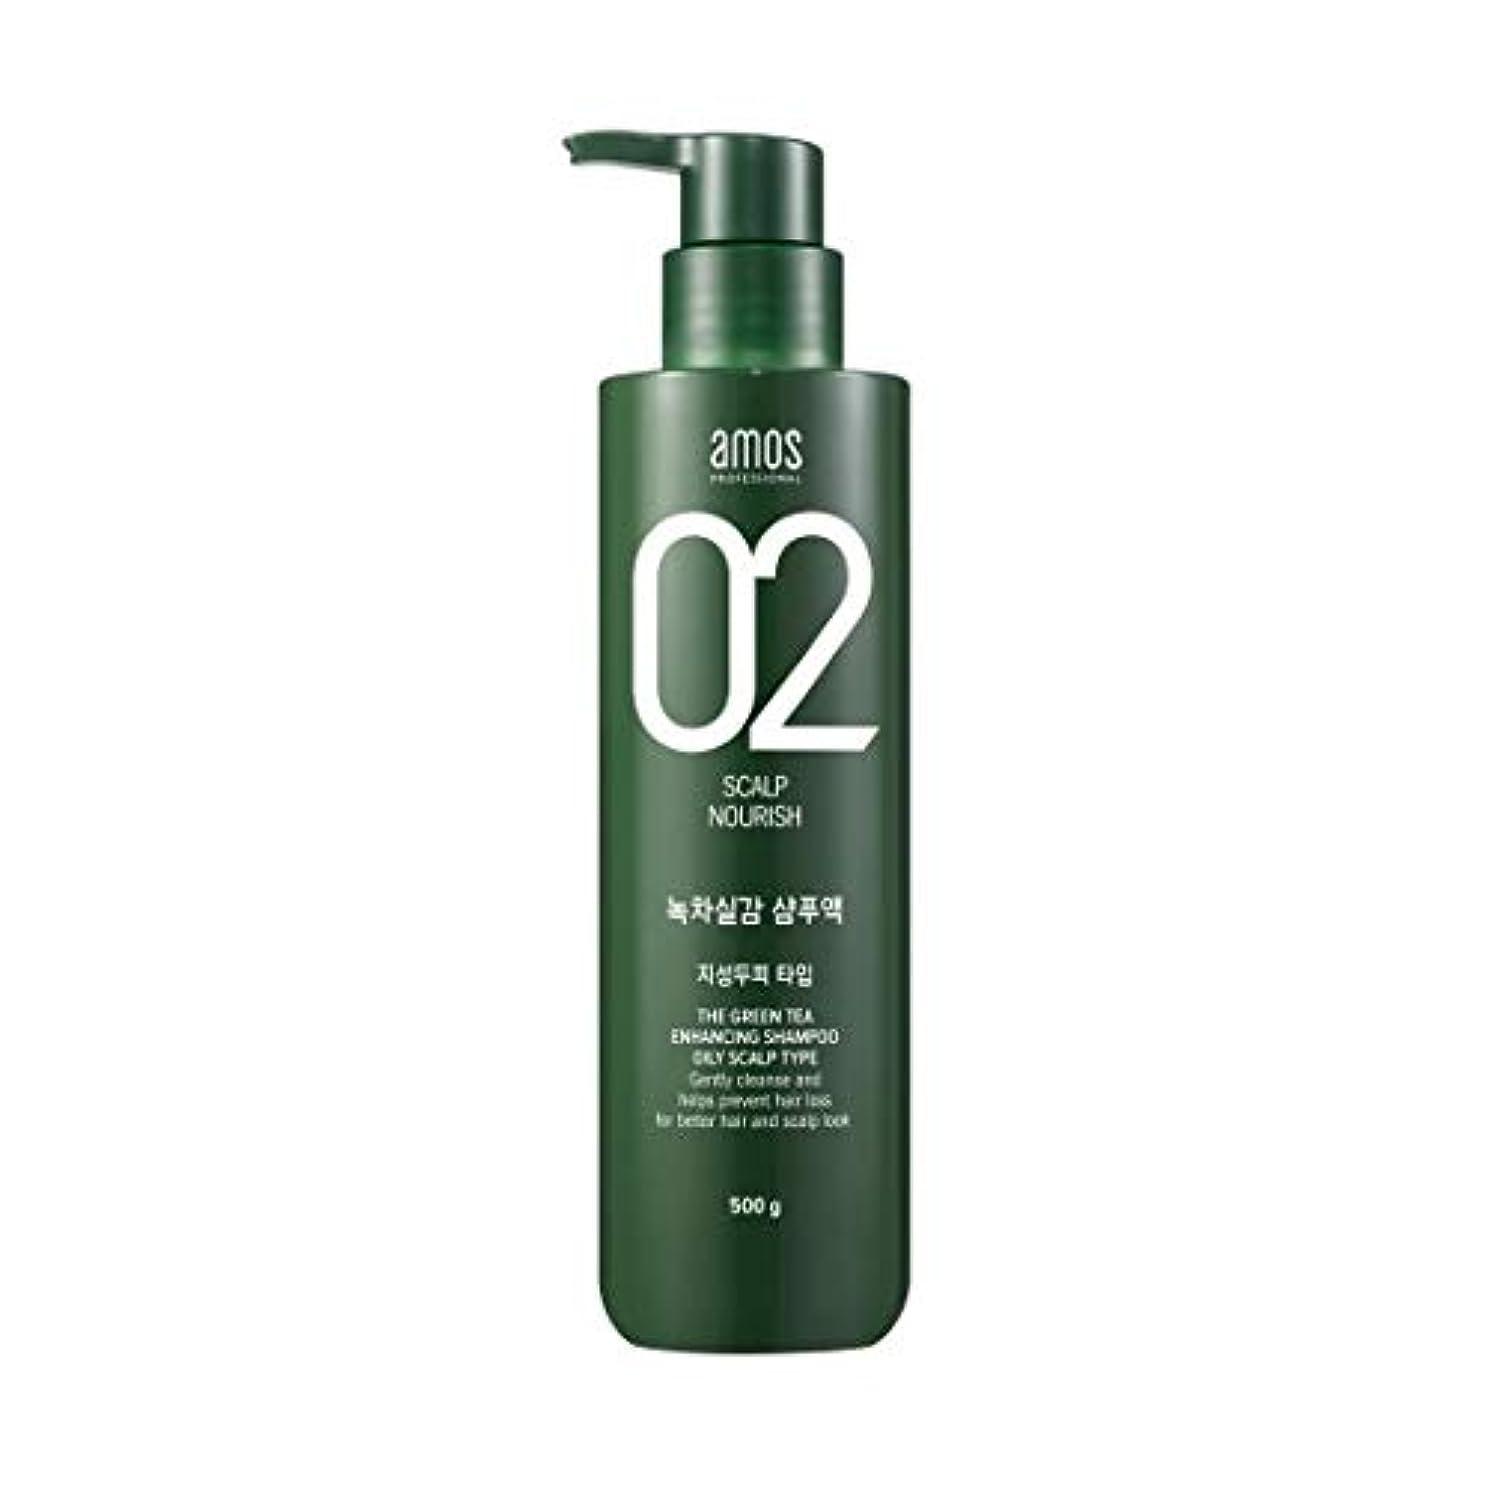 わかりやすい赤外線うがい薬Amos Green Tea Enhancing Shampoo -Oily 500g / アモス ザ グリーンティー エンハンシング シャンプー # 脂性 オイリー スカルプタイプ [並行輸入品]